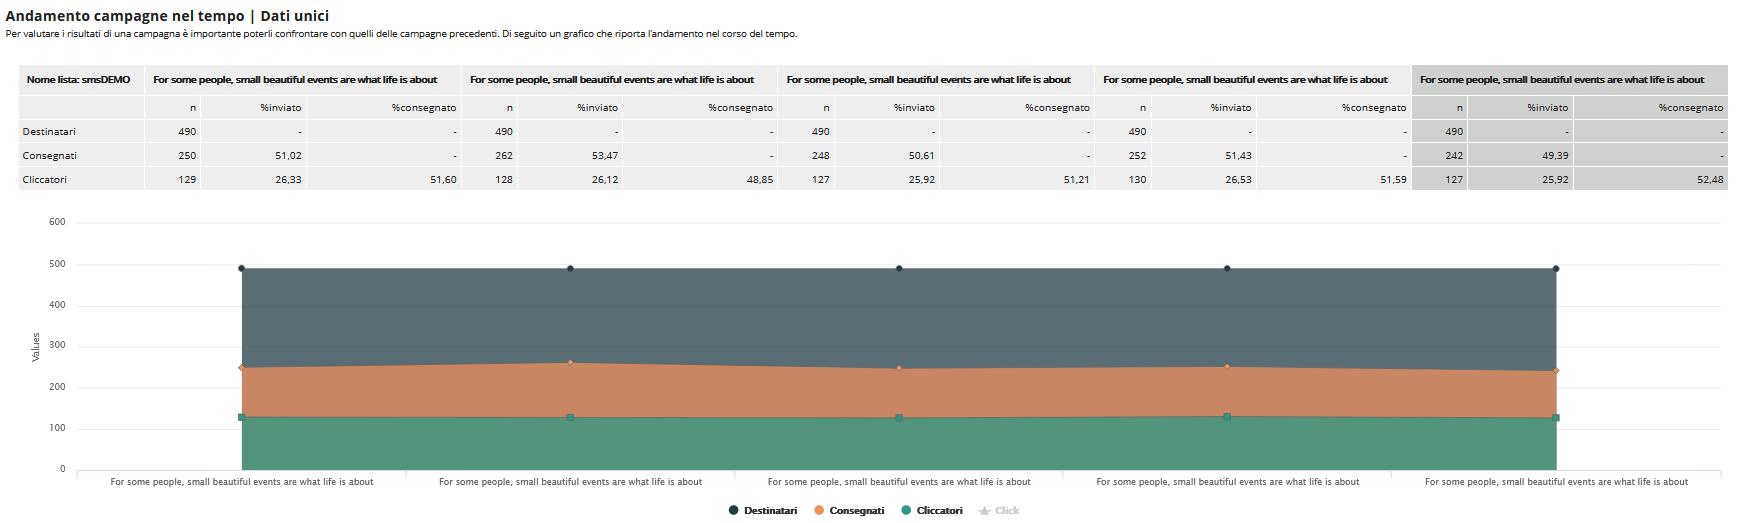 statistiche-Piattaforma-Multicanale-rdcom